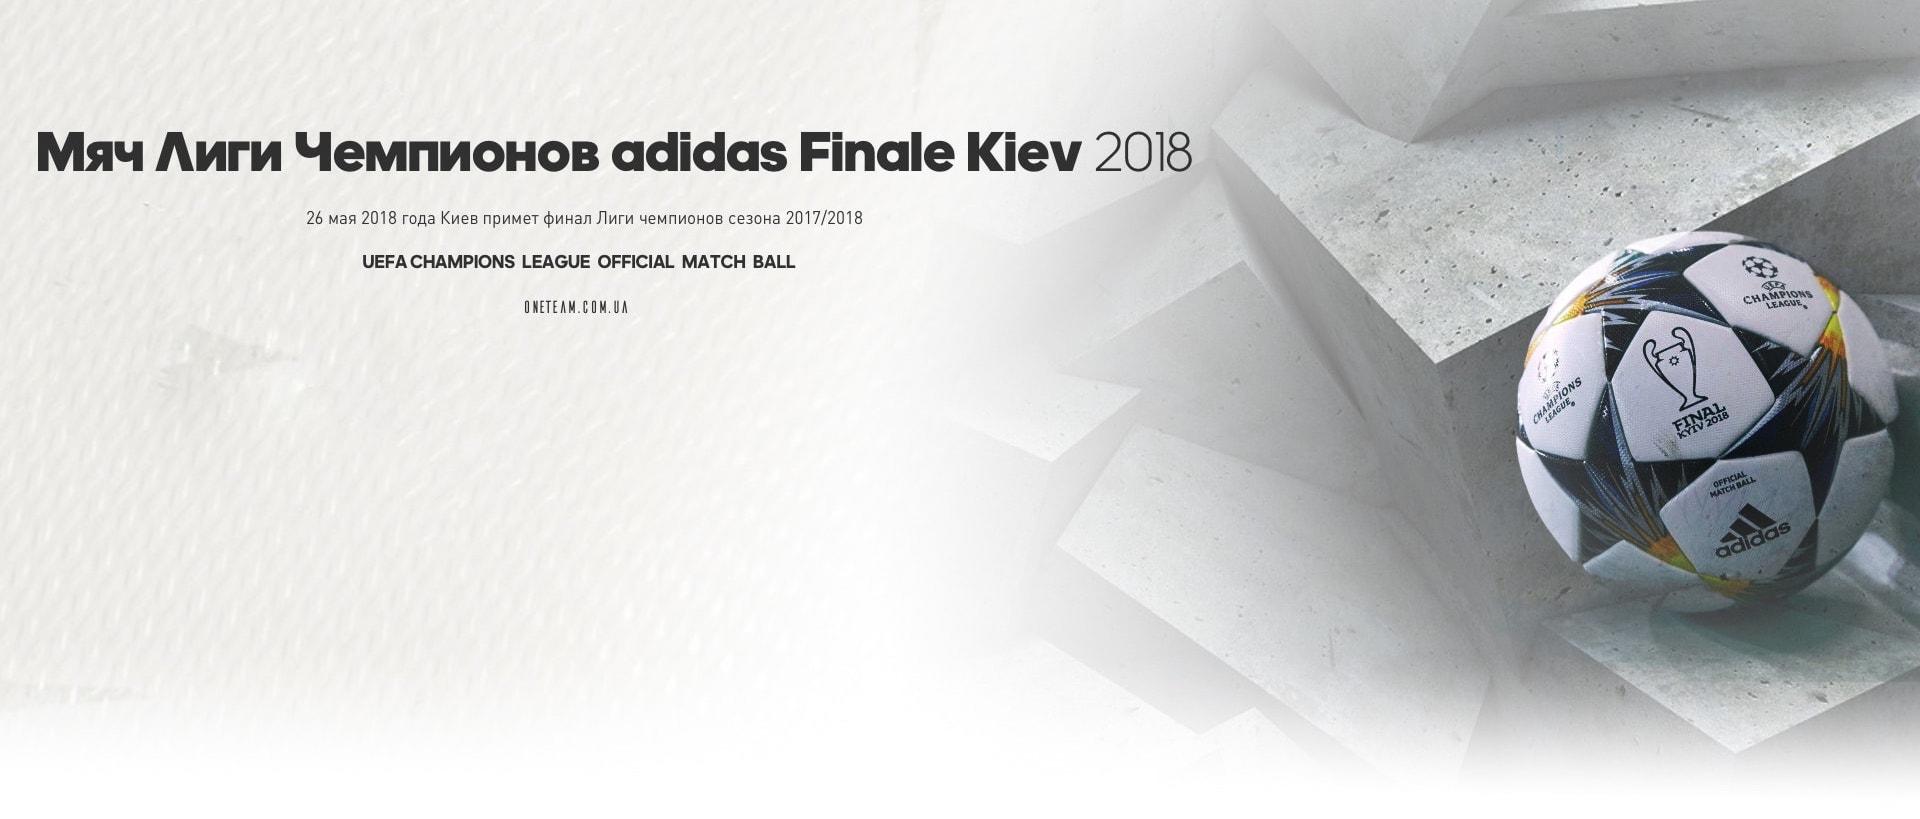 Мяч финала Лиги чемпионов 2018 Киев